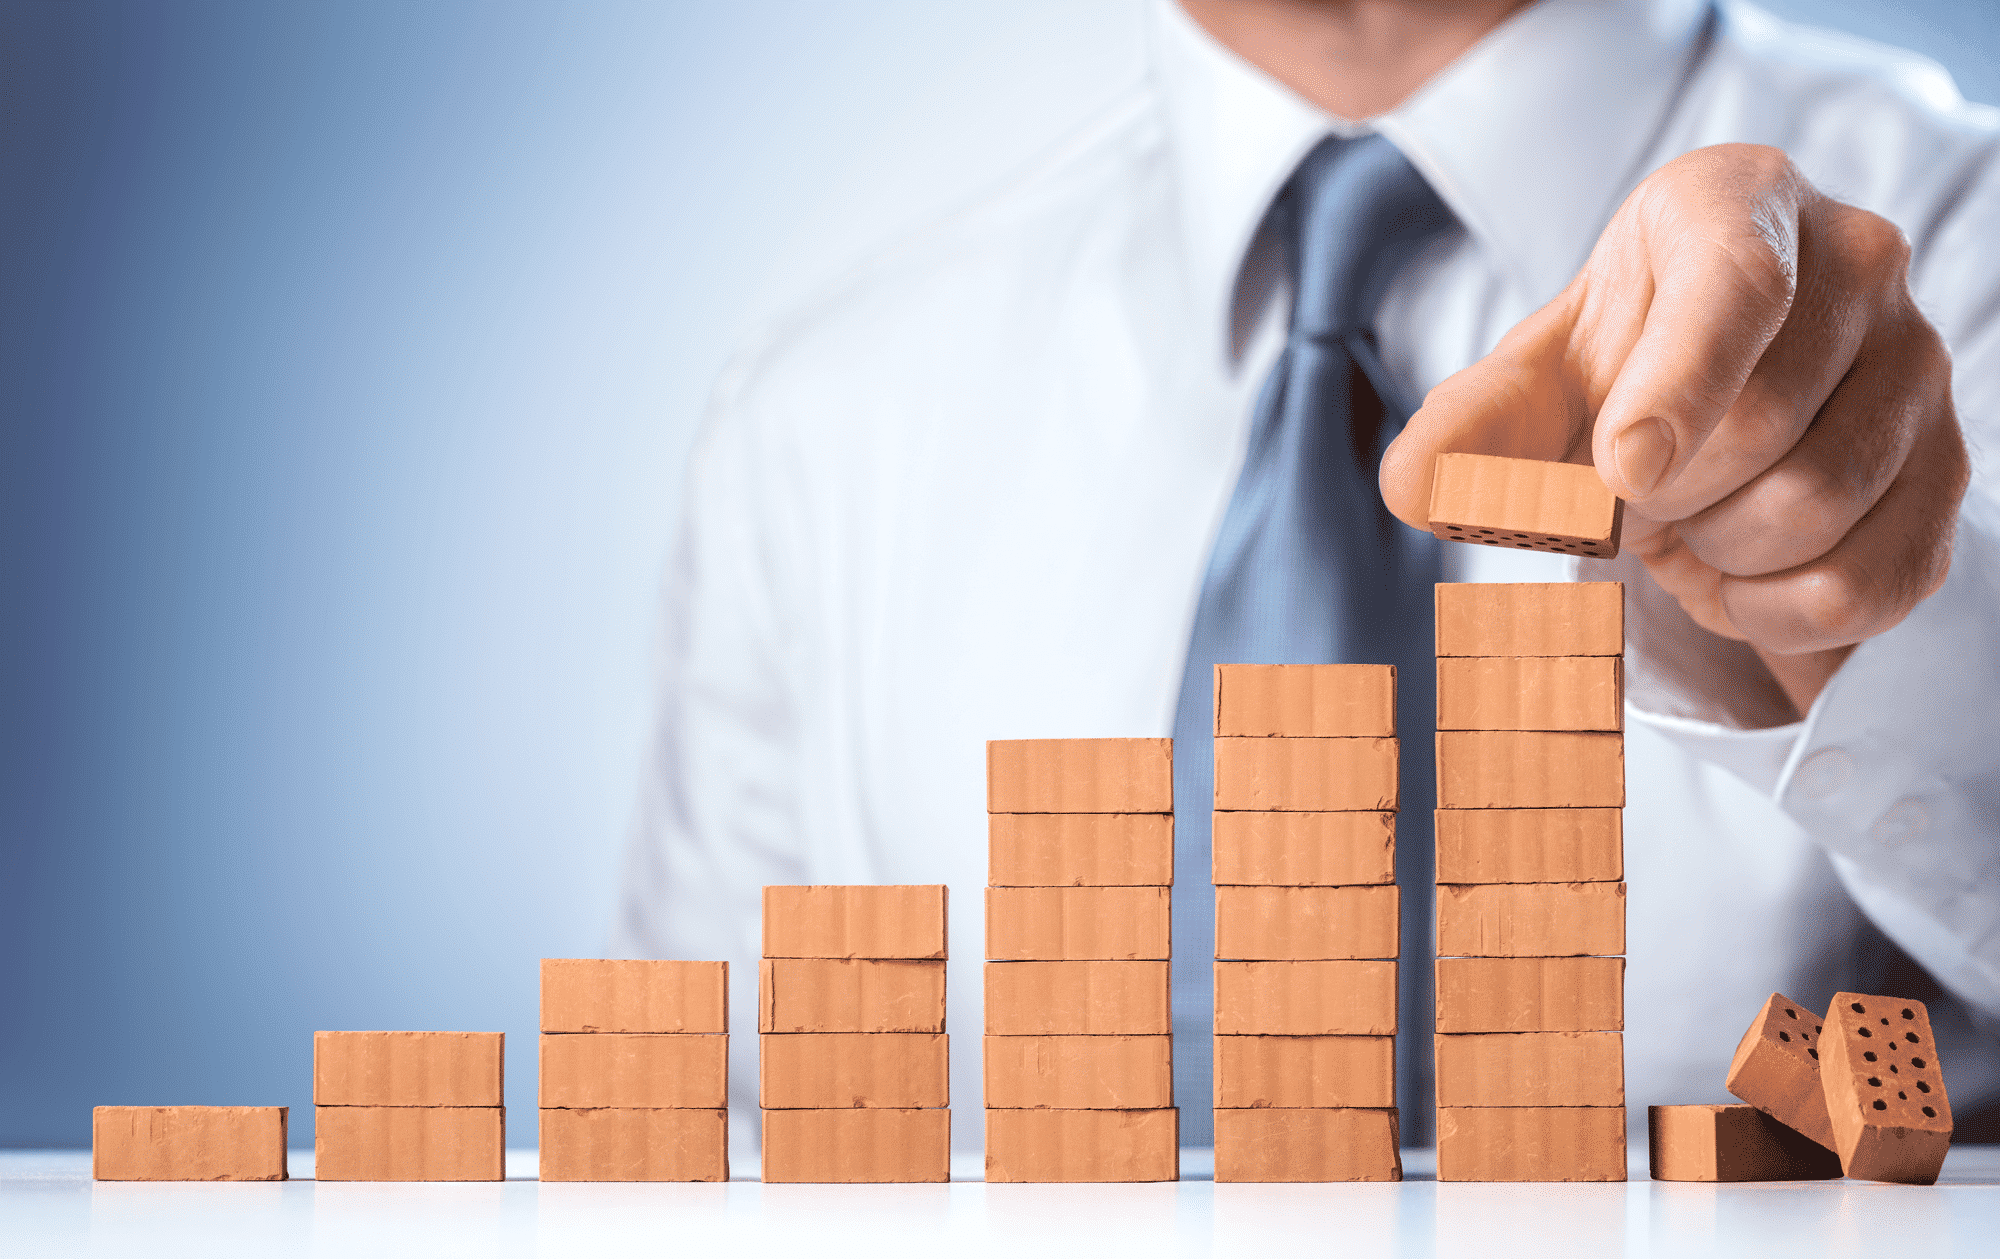 Behaal je doelstellingen sneller, slimmer   5 doeltreffende tips